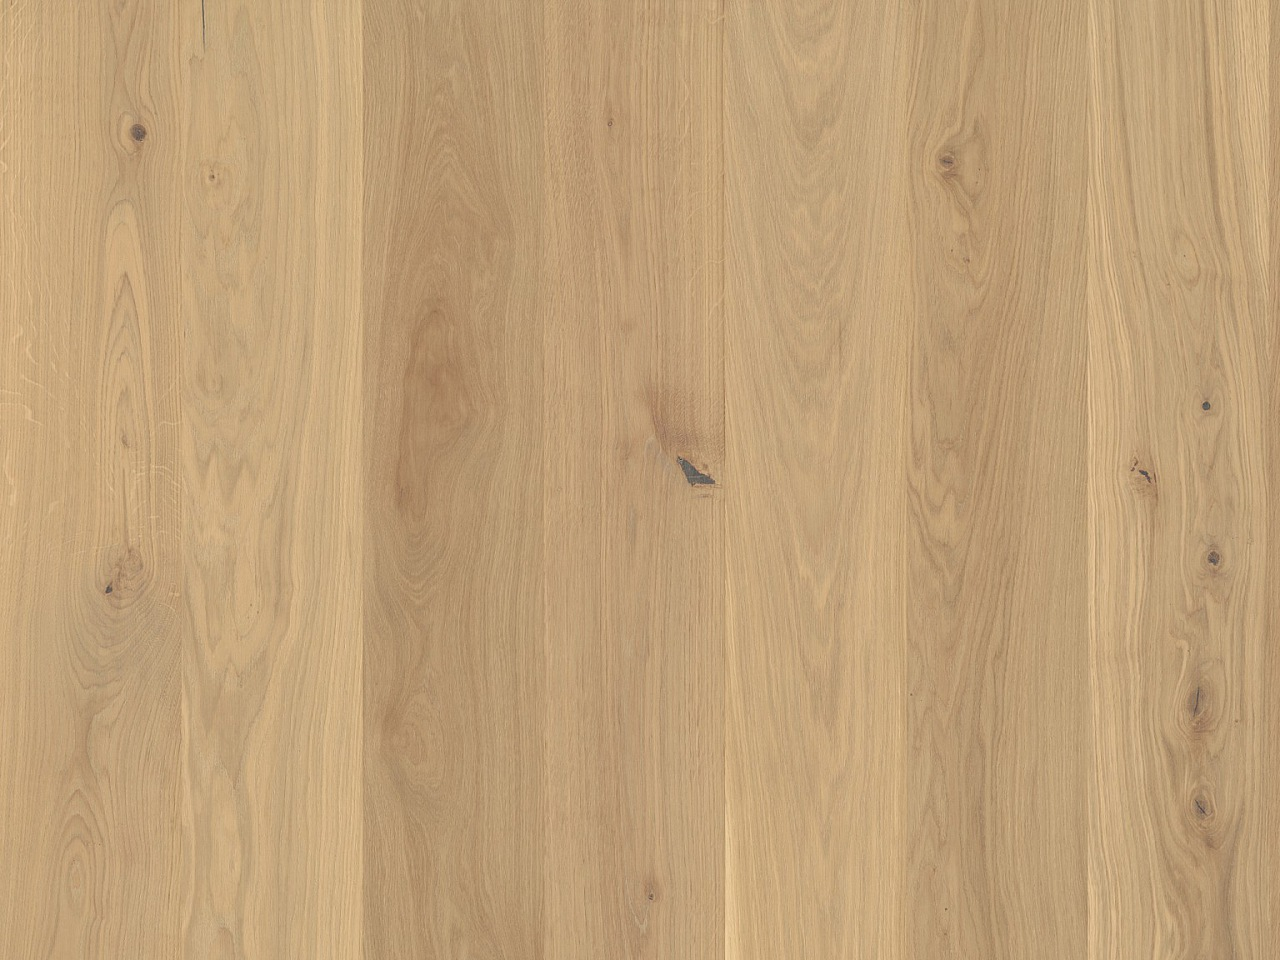 Designbelag Rico wood – Eiche Hilversum, 328002